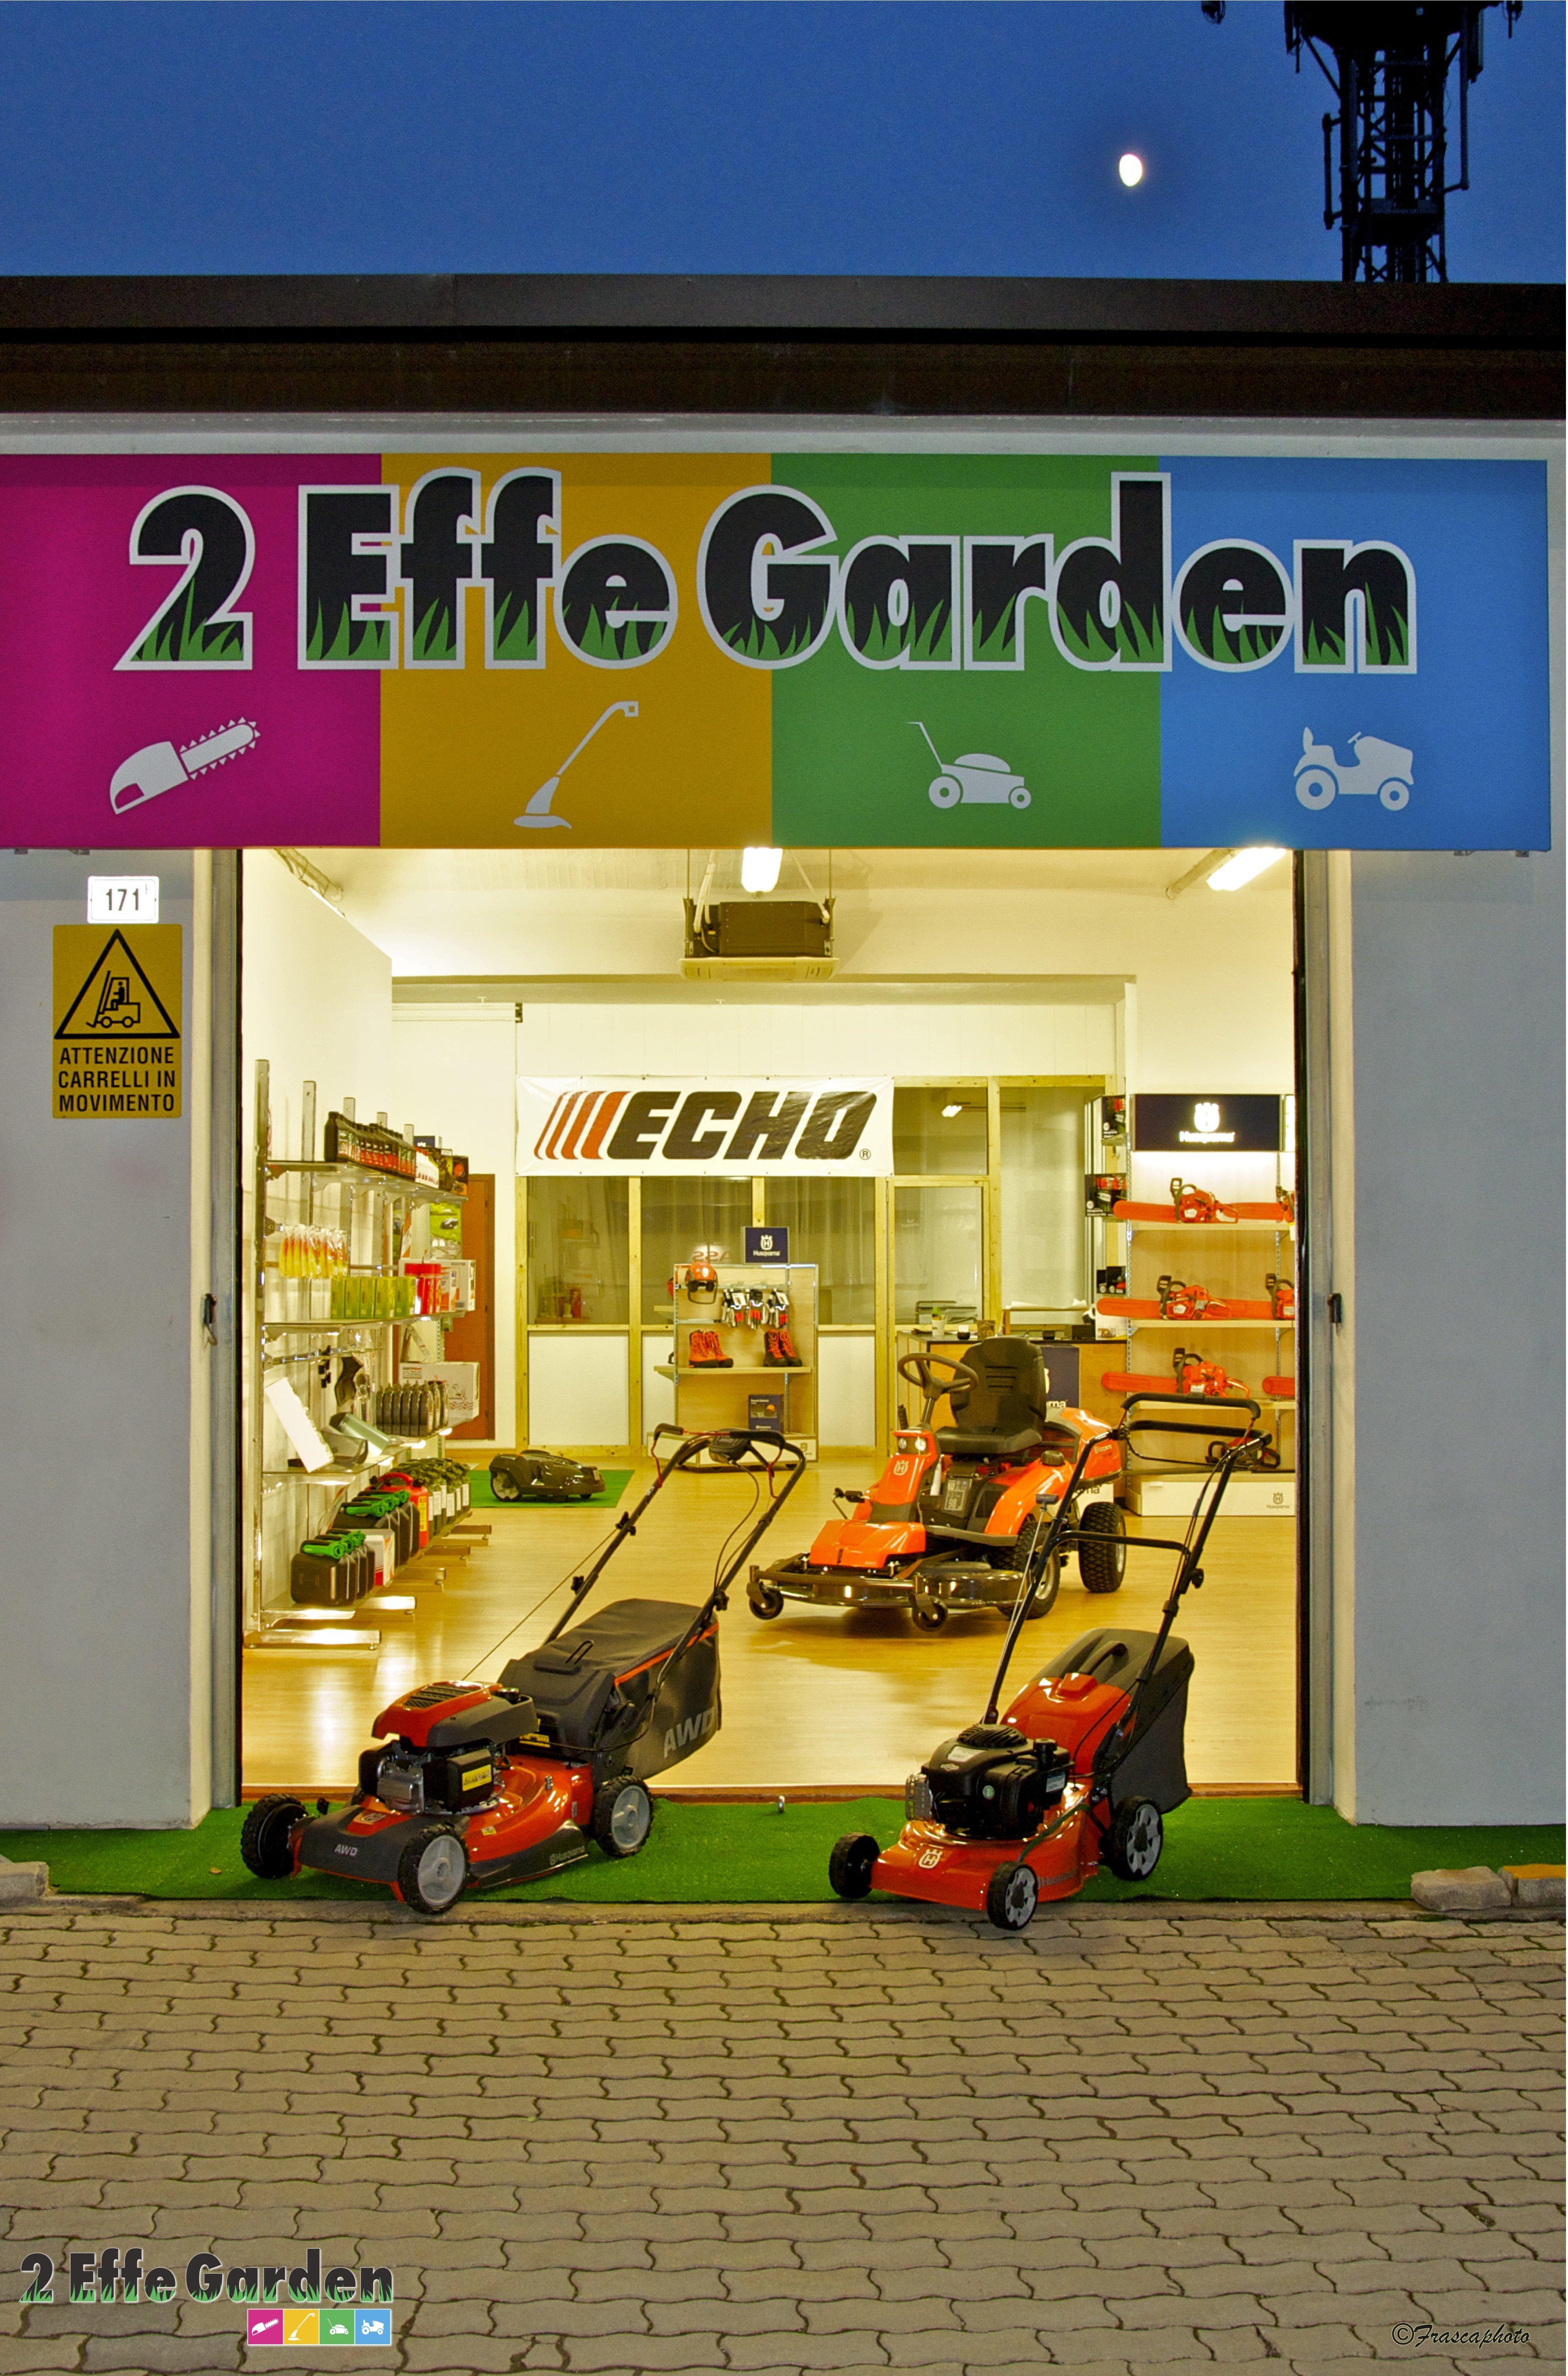 negozio 2 effe garden visto dall'esterno